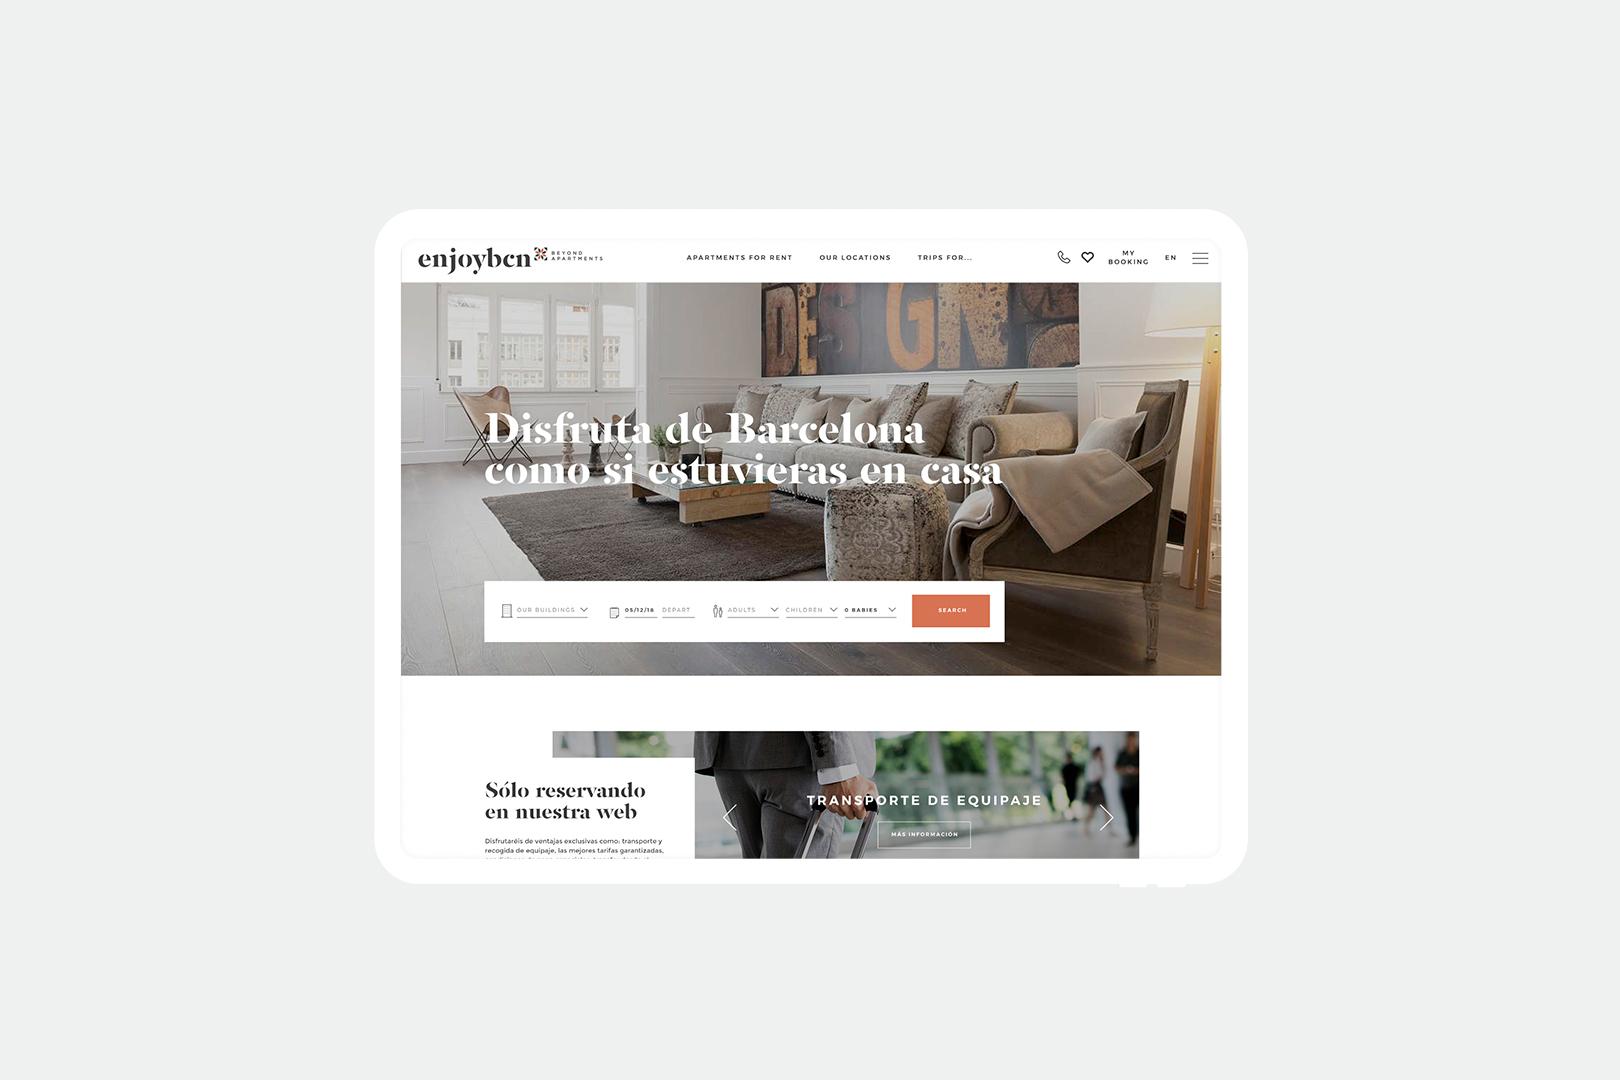 enjoybcn-web-ipad